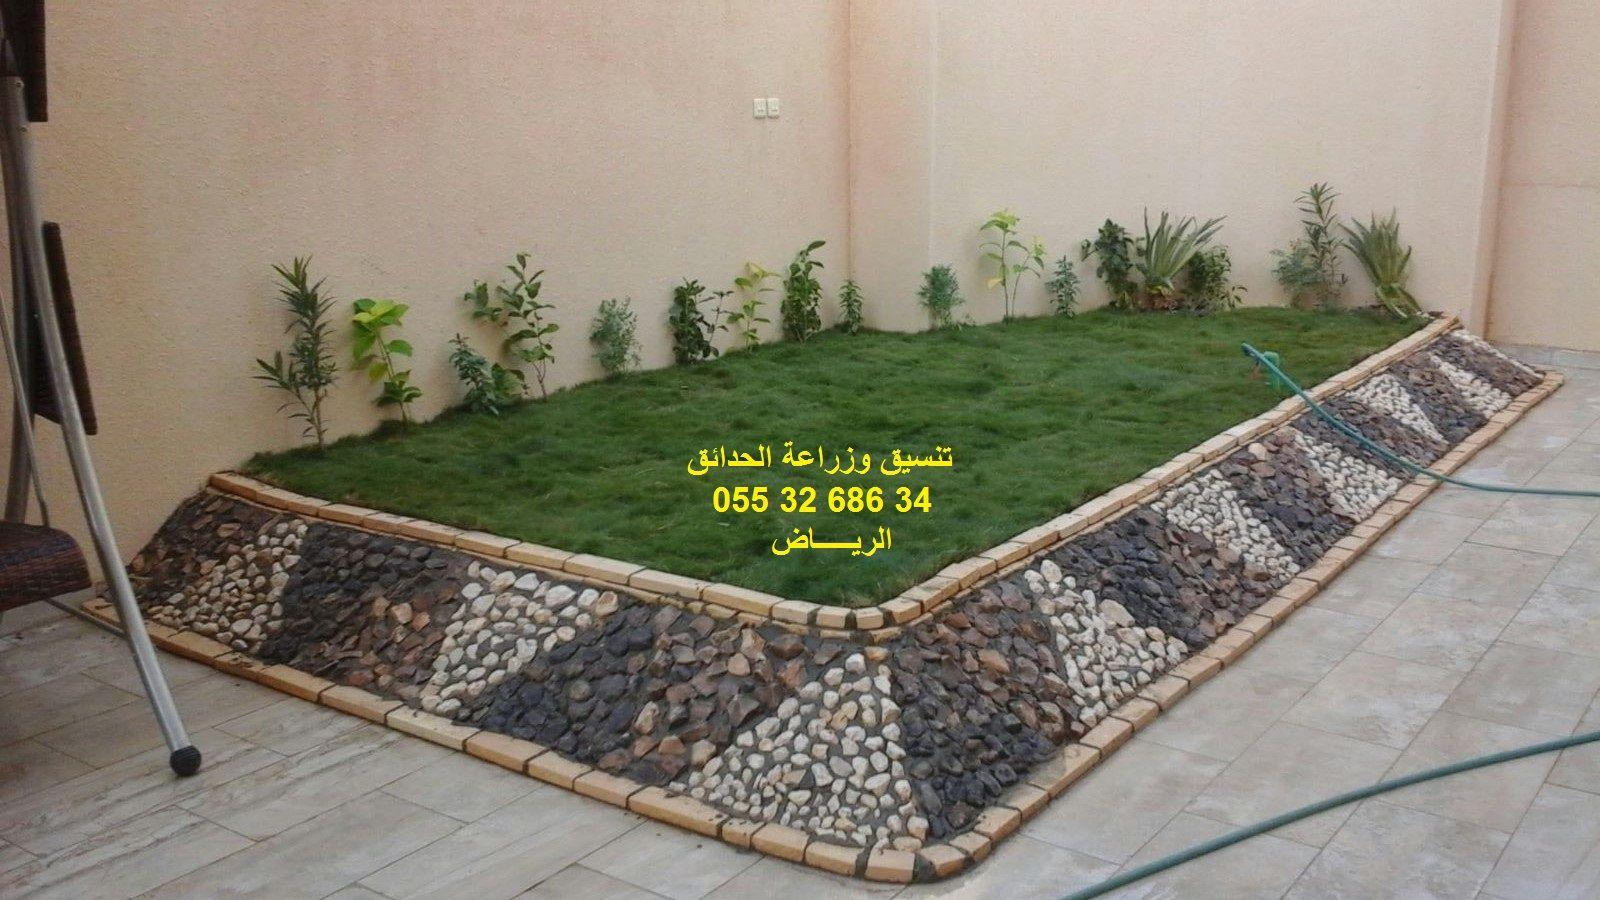 حديقة فوق سطح حديقة فوق سطح المنزل حديقة فوق سطح منزل حديقة في سطح حديقة في سطح البيت حديقة في سطح المنزل حديقة في سطح م Pallet Coffee Table Coffee Table